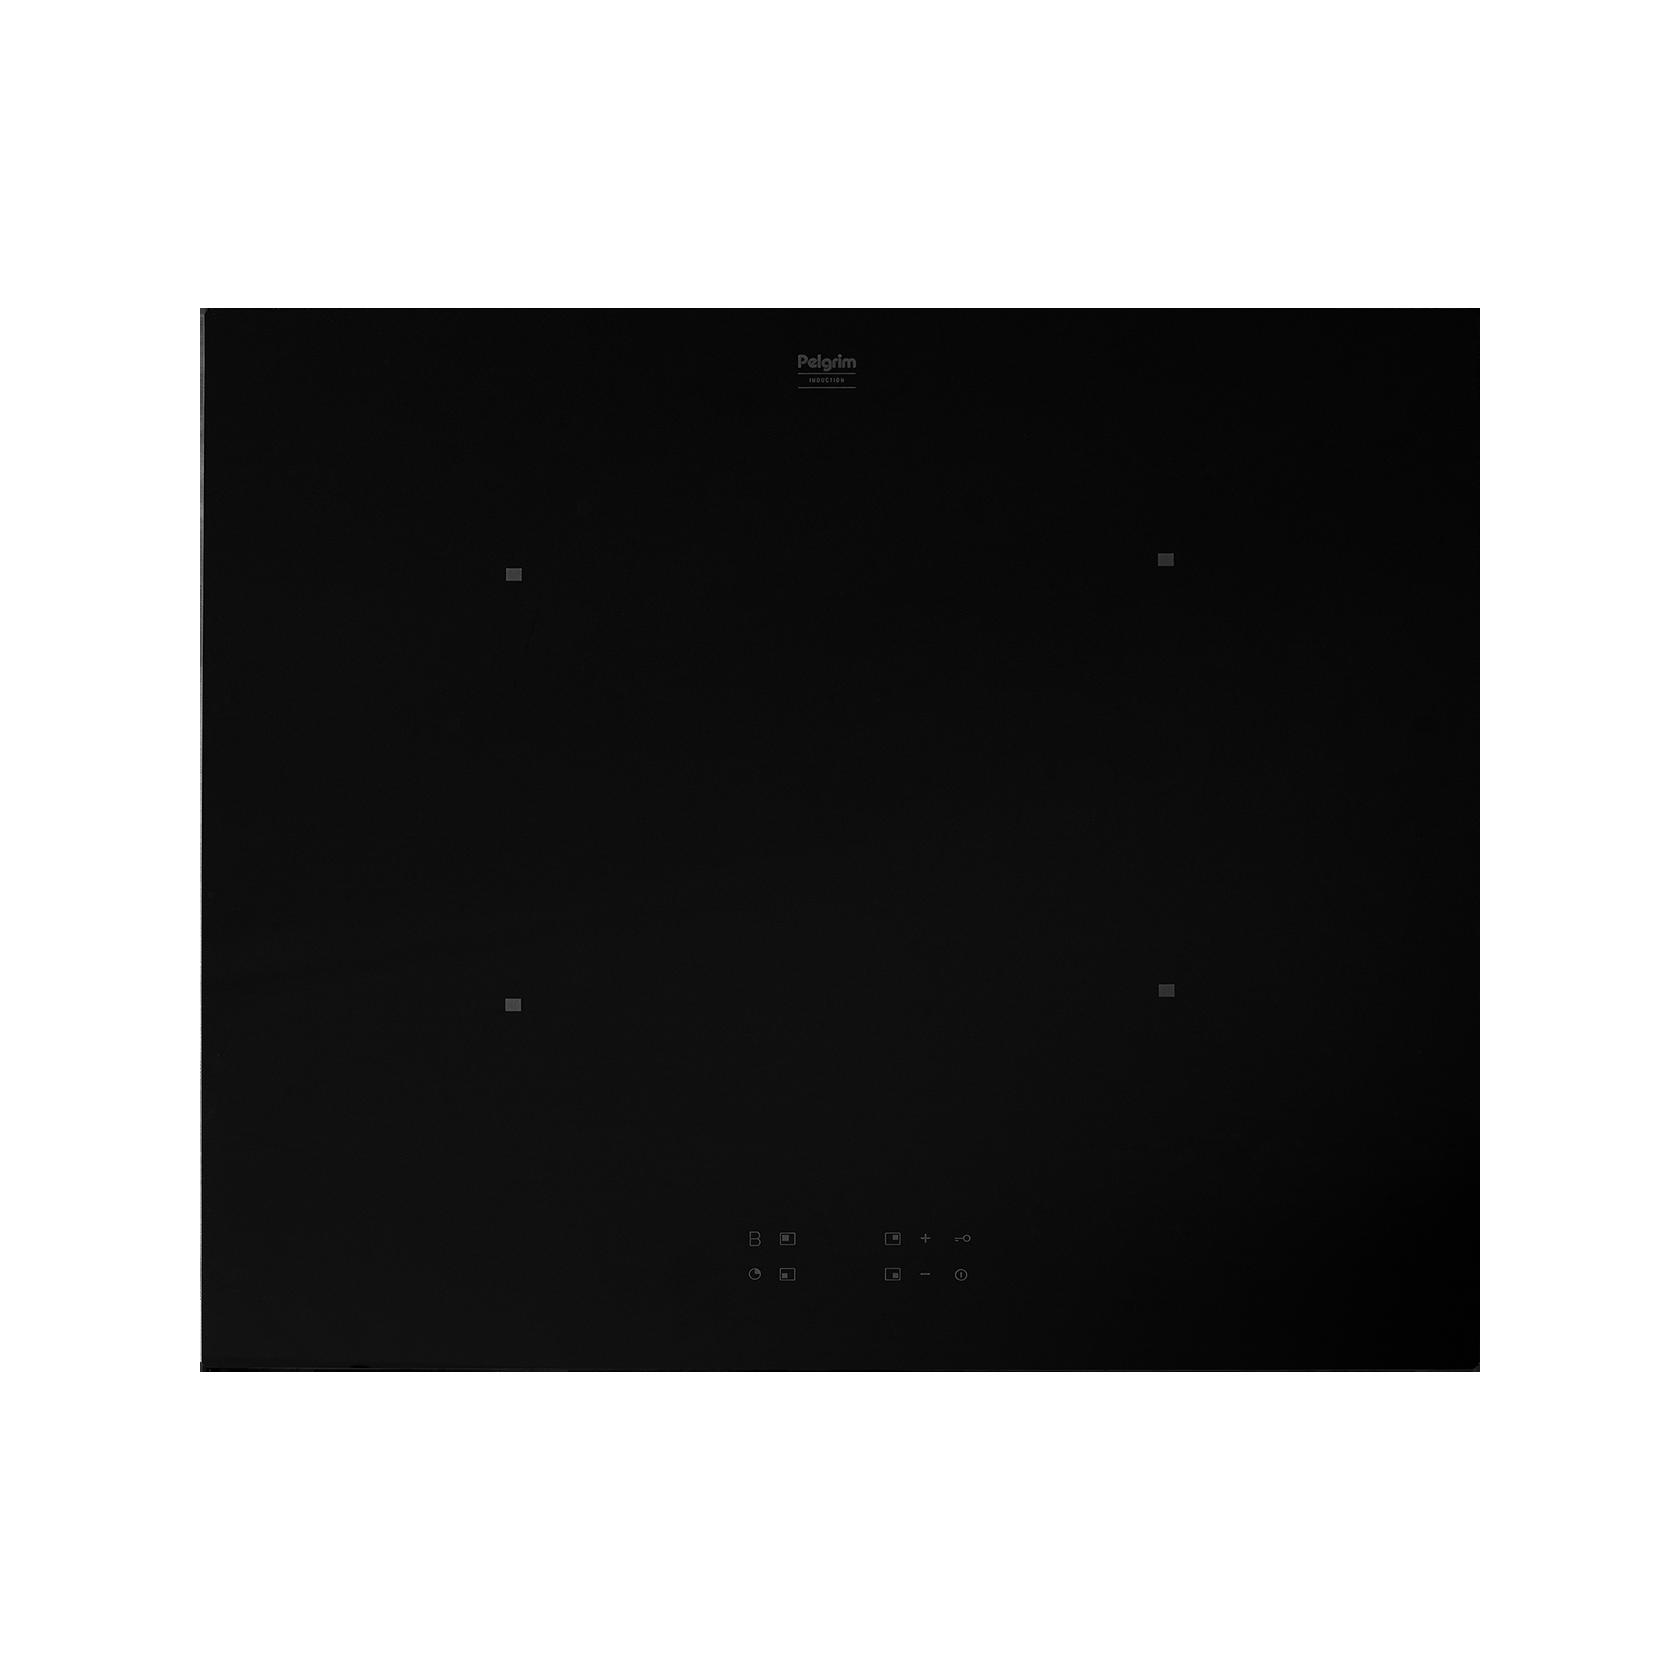 Plaque de cuisson à induction, 60 cm de large